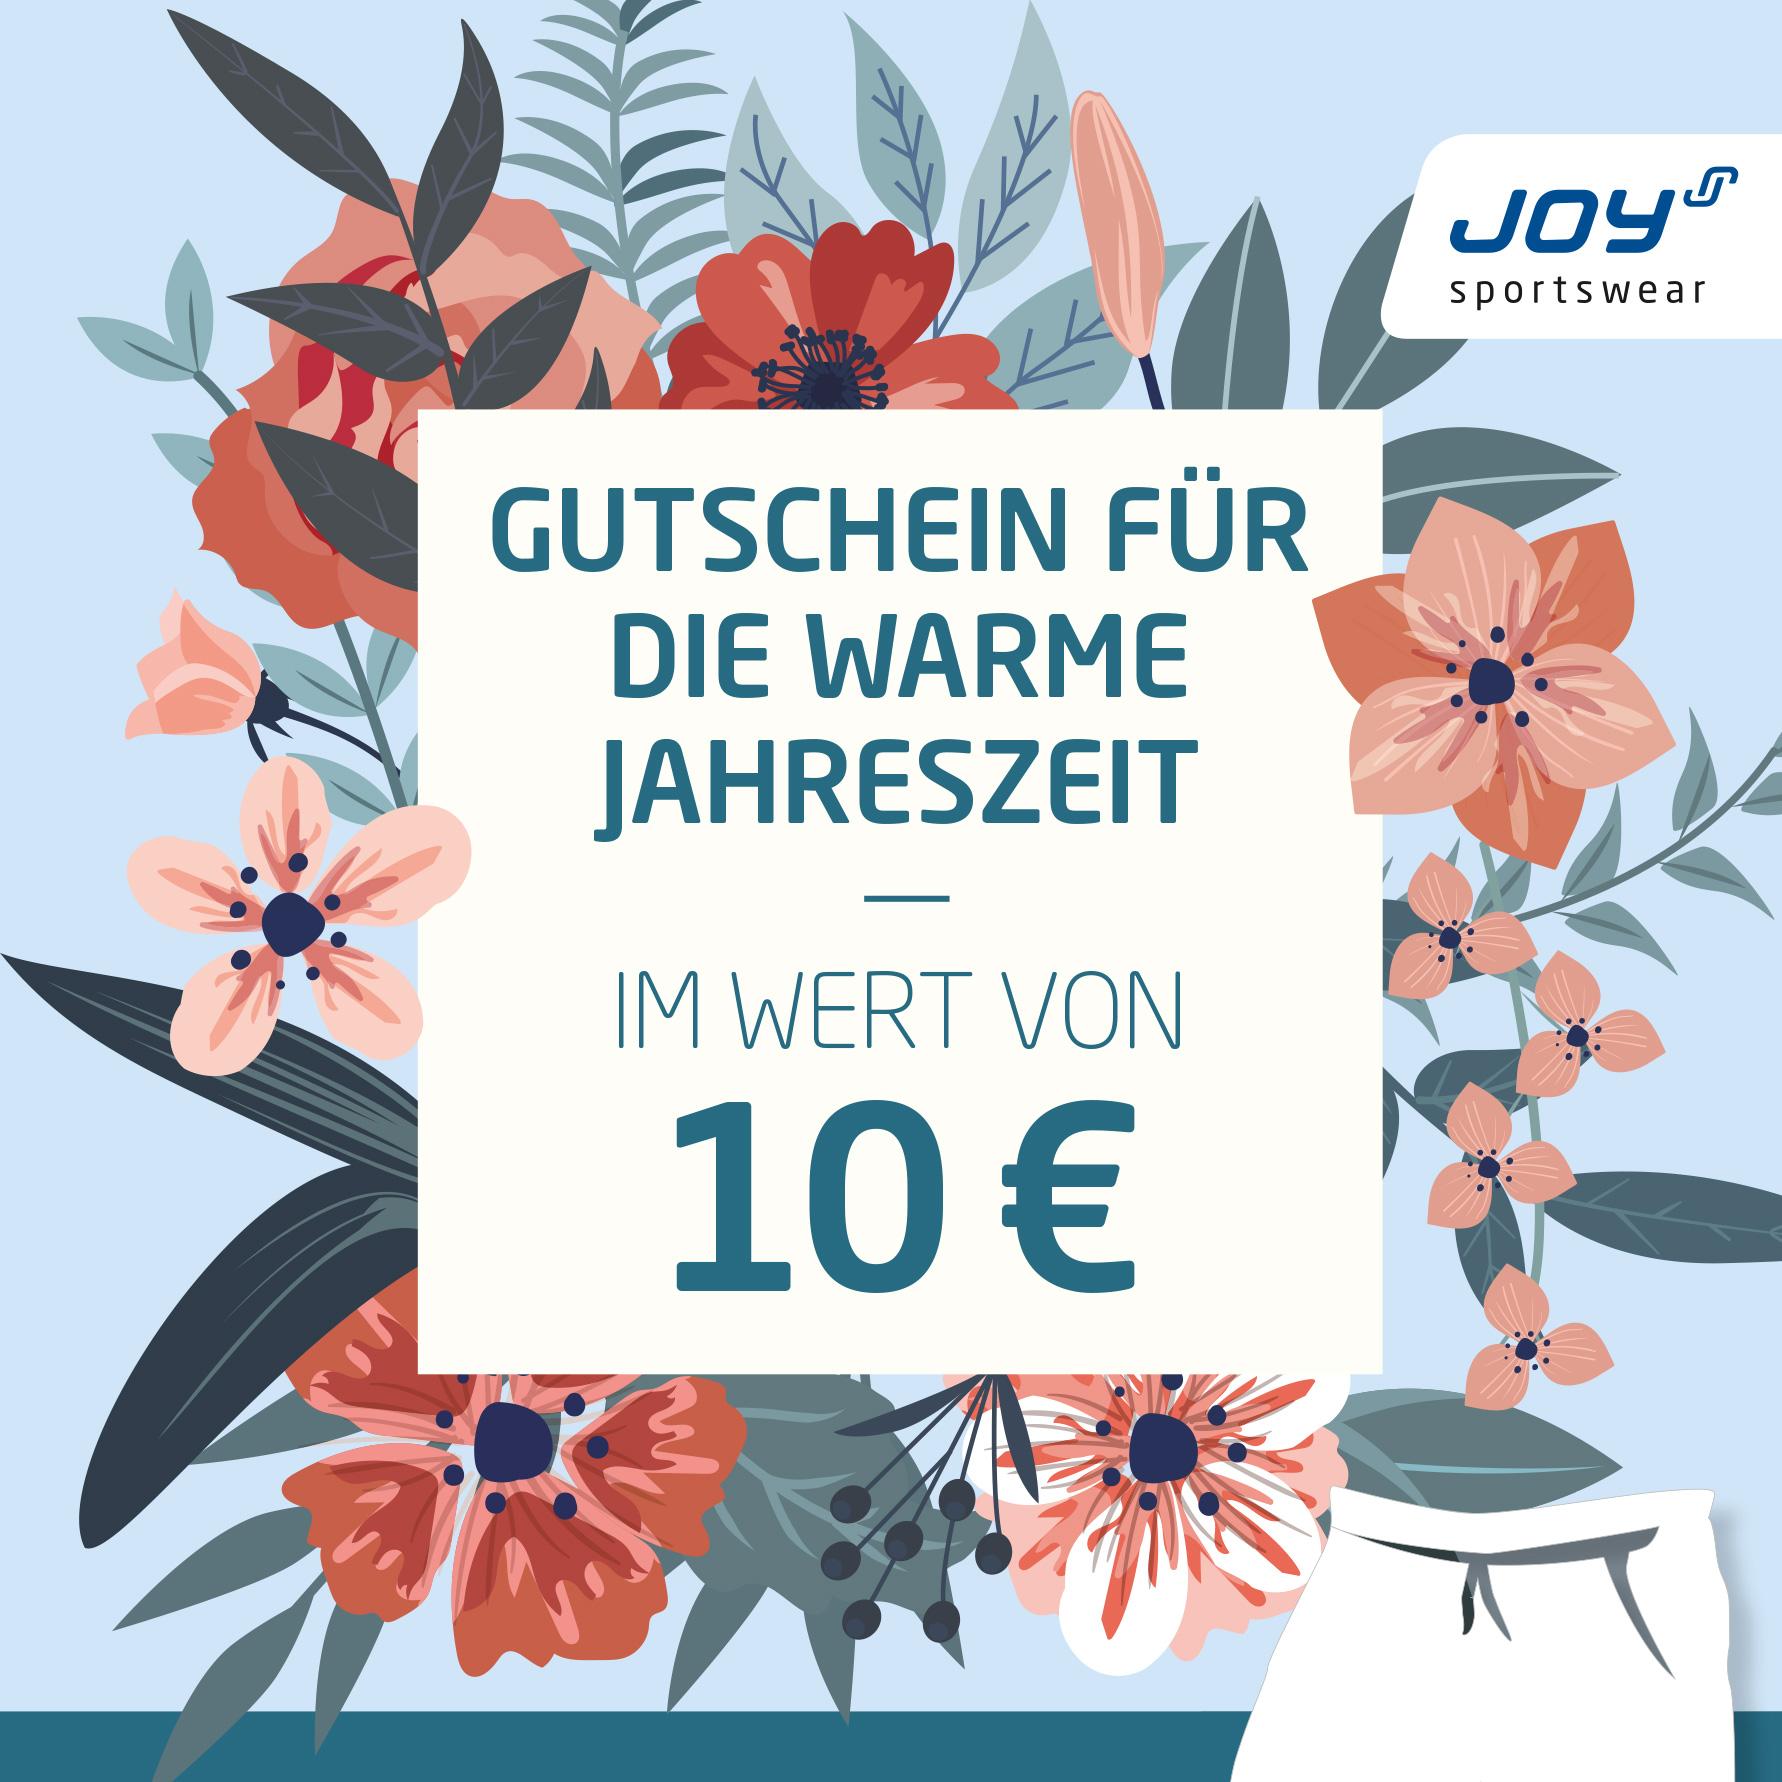 Joy Gutschein geschenkt Gruber Sportlerei in Erding & Wasserburg